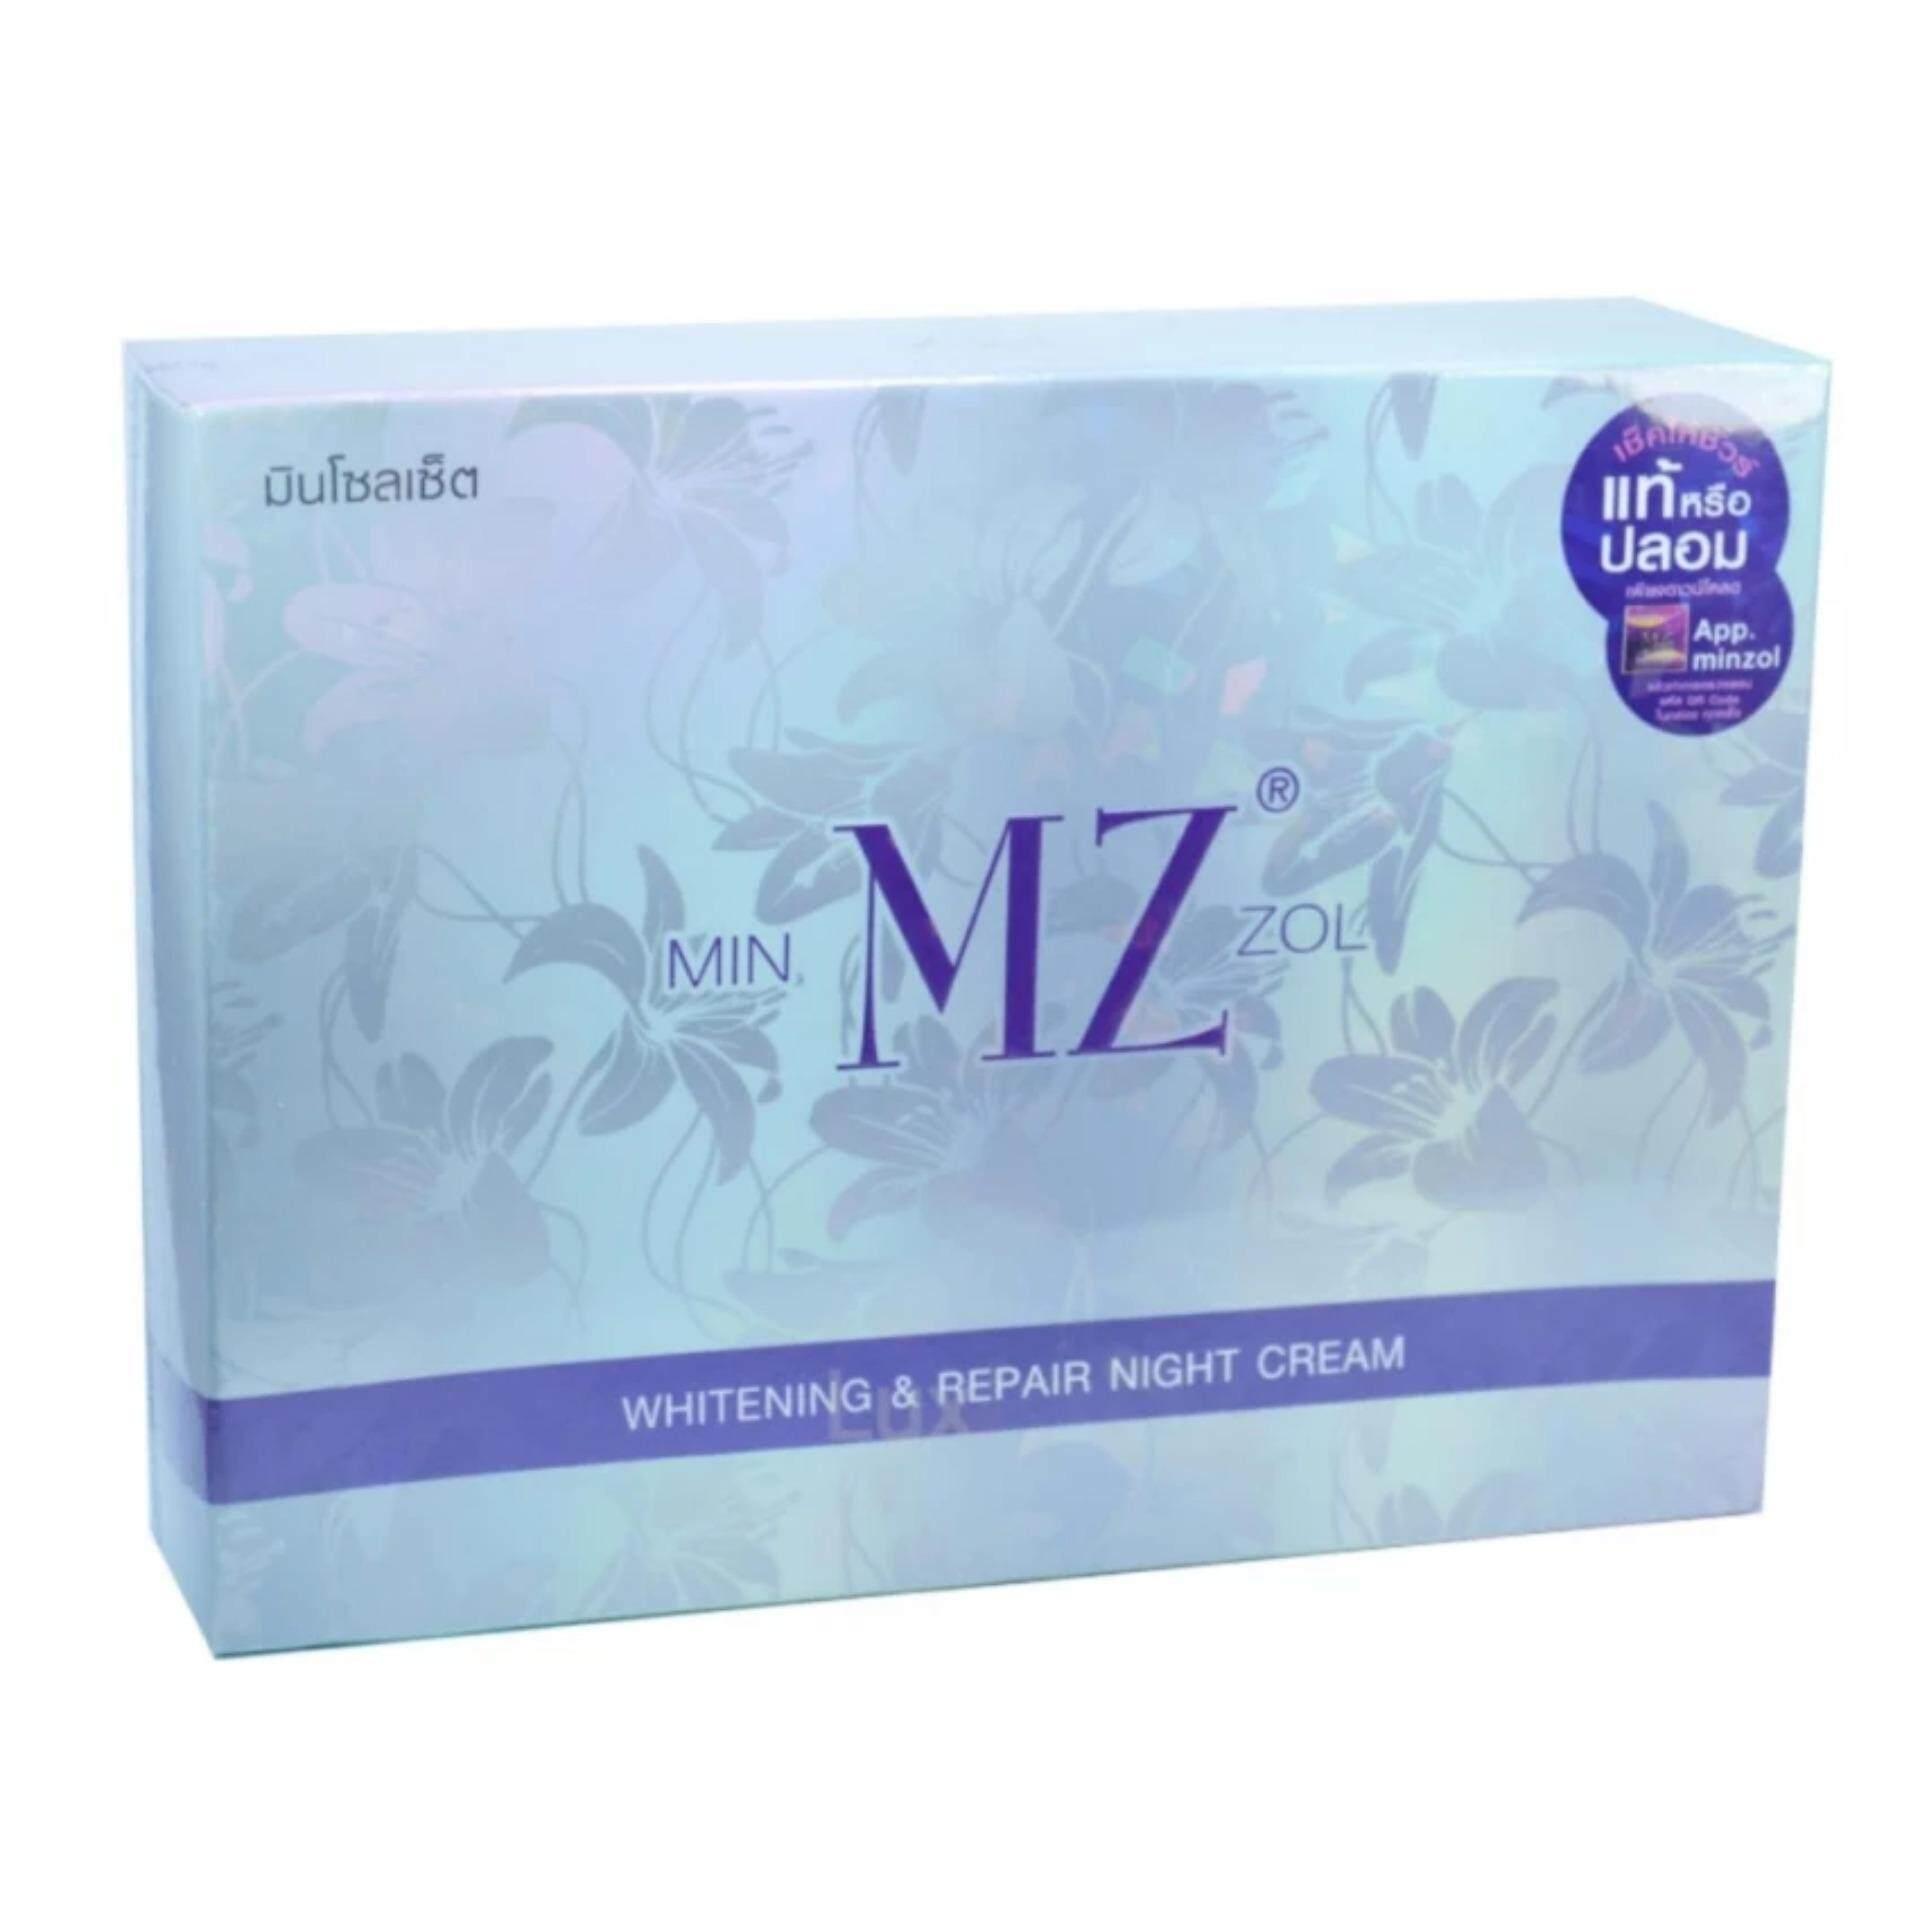 ครีมหน้าขาว-MinZol ครีมมินโซว หน้าขาว กระจ่างใส ไร้สิว x1ชุด 2กระปุก